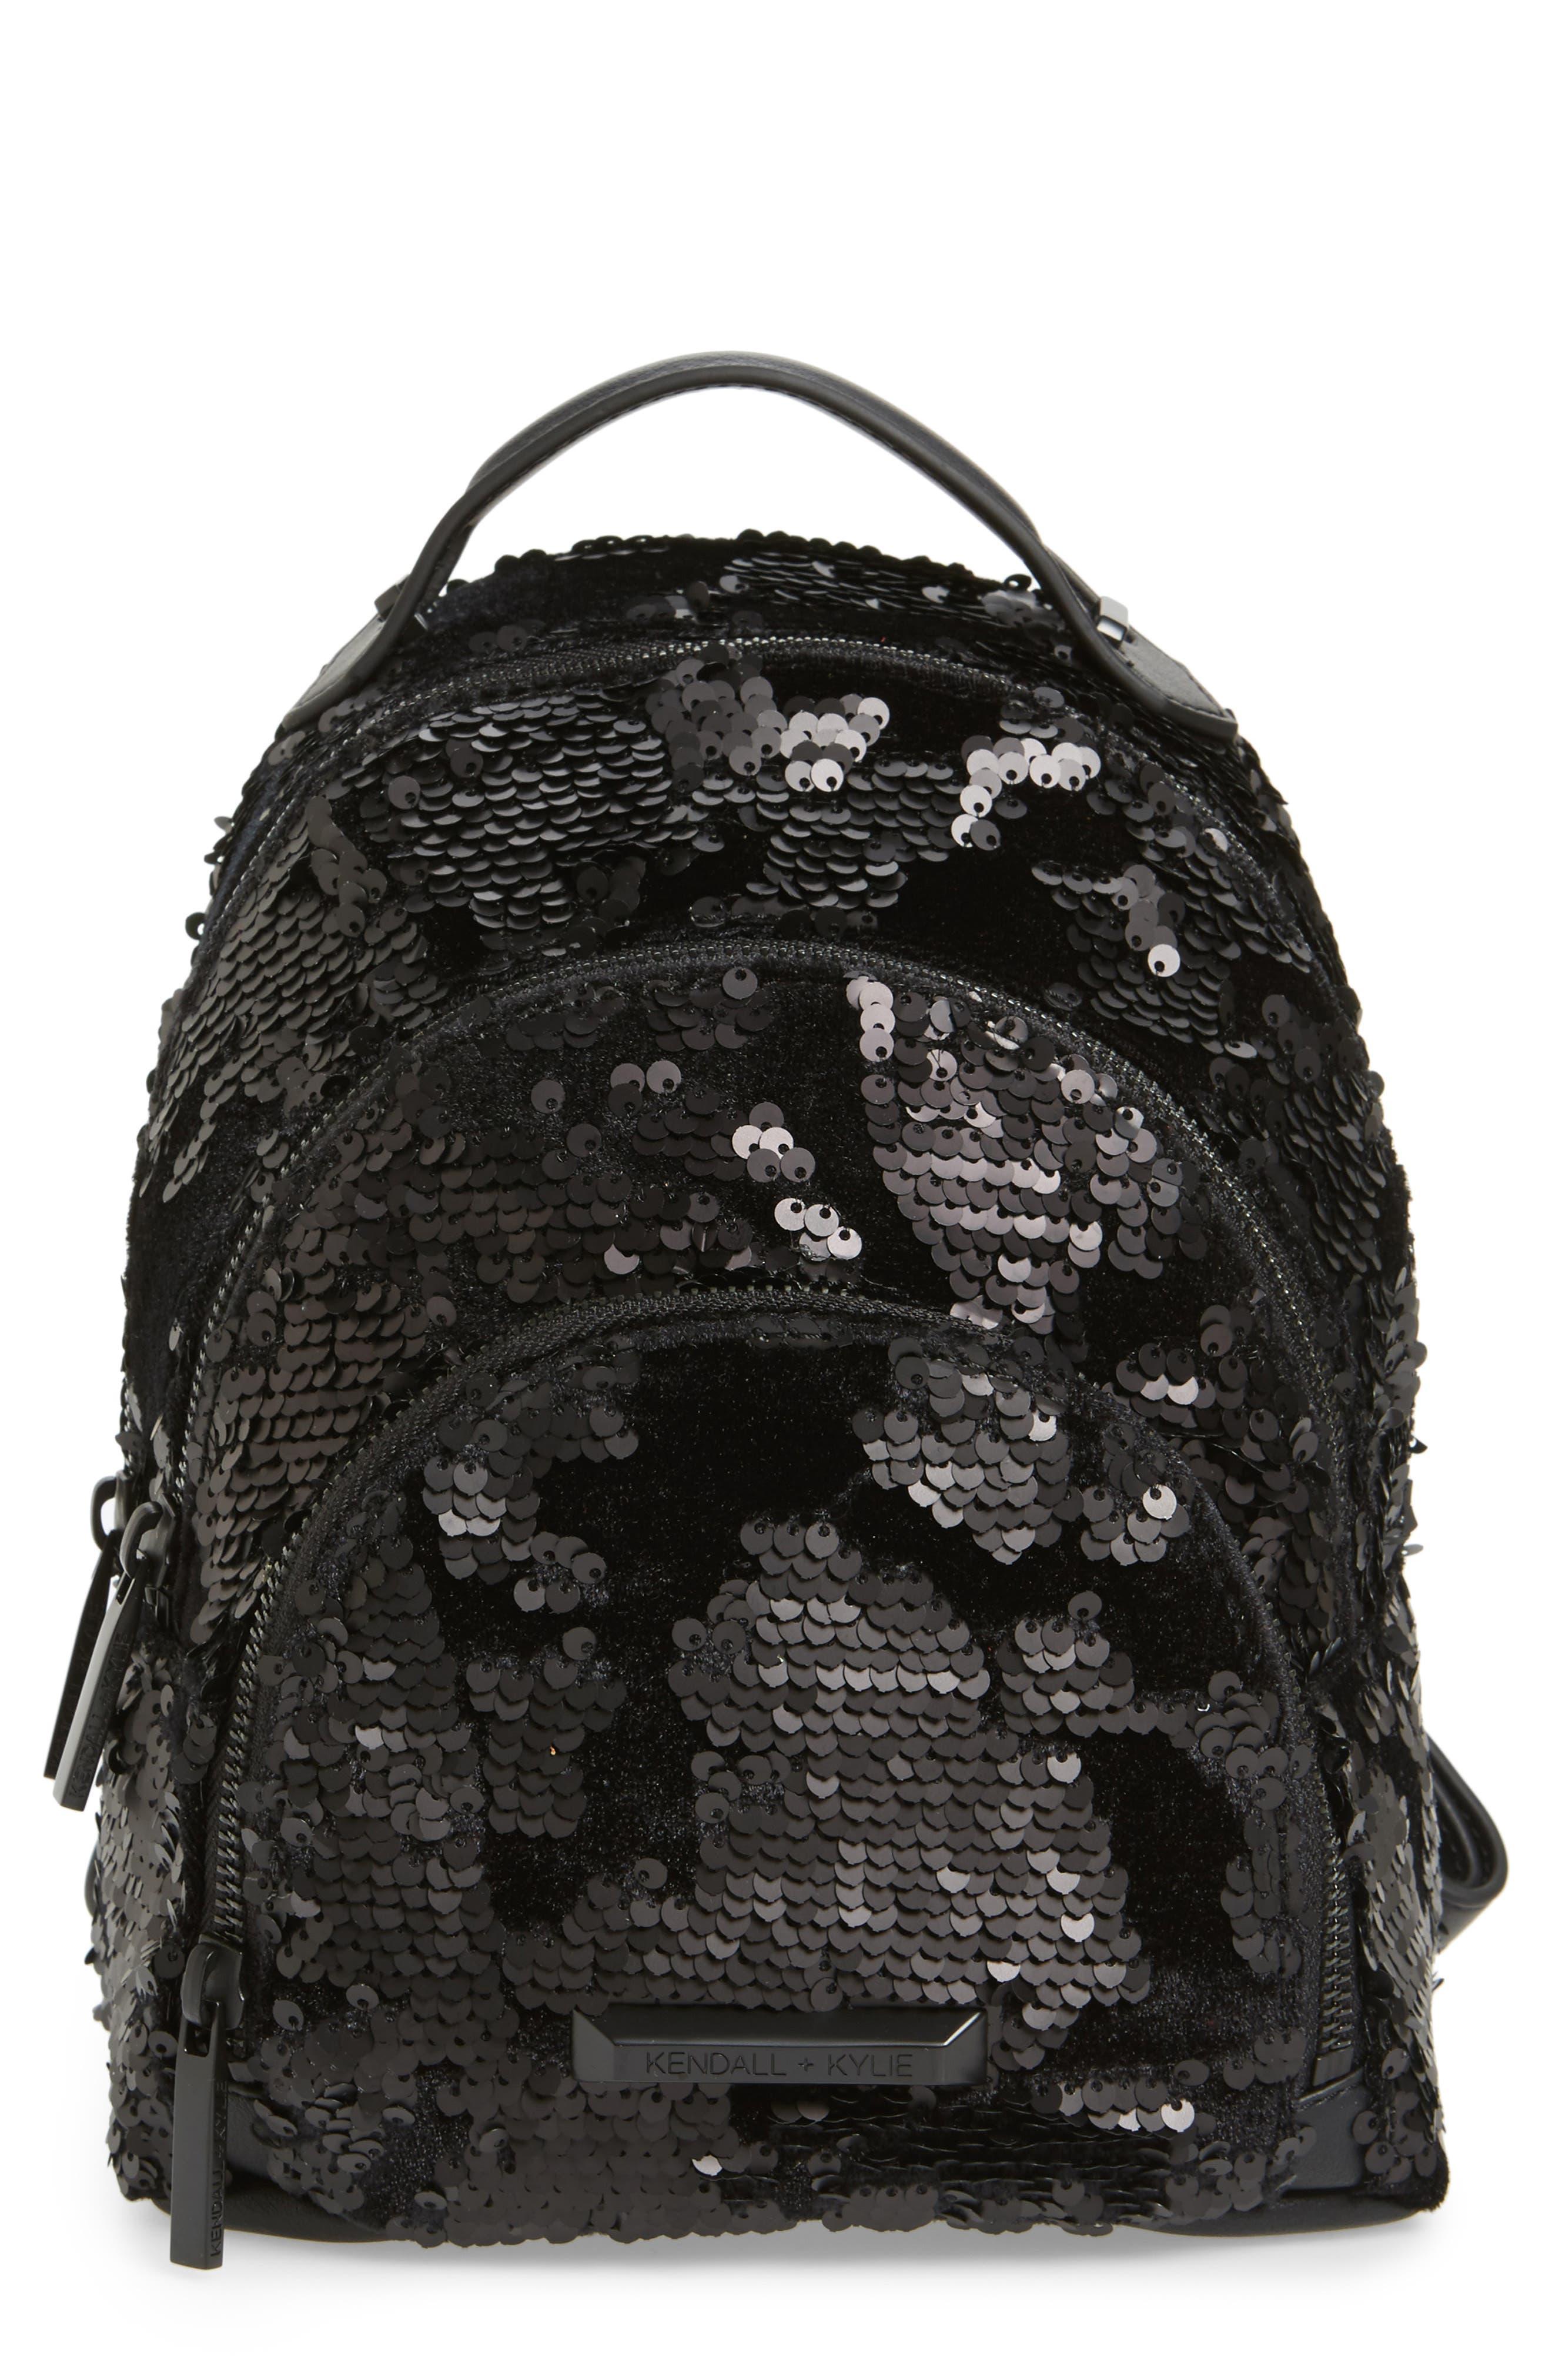 Alternate Image 1 Selected - KENDALL + KYLIE Mini Sloane Velvet & Sequin Backpack